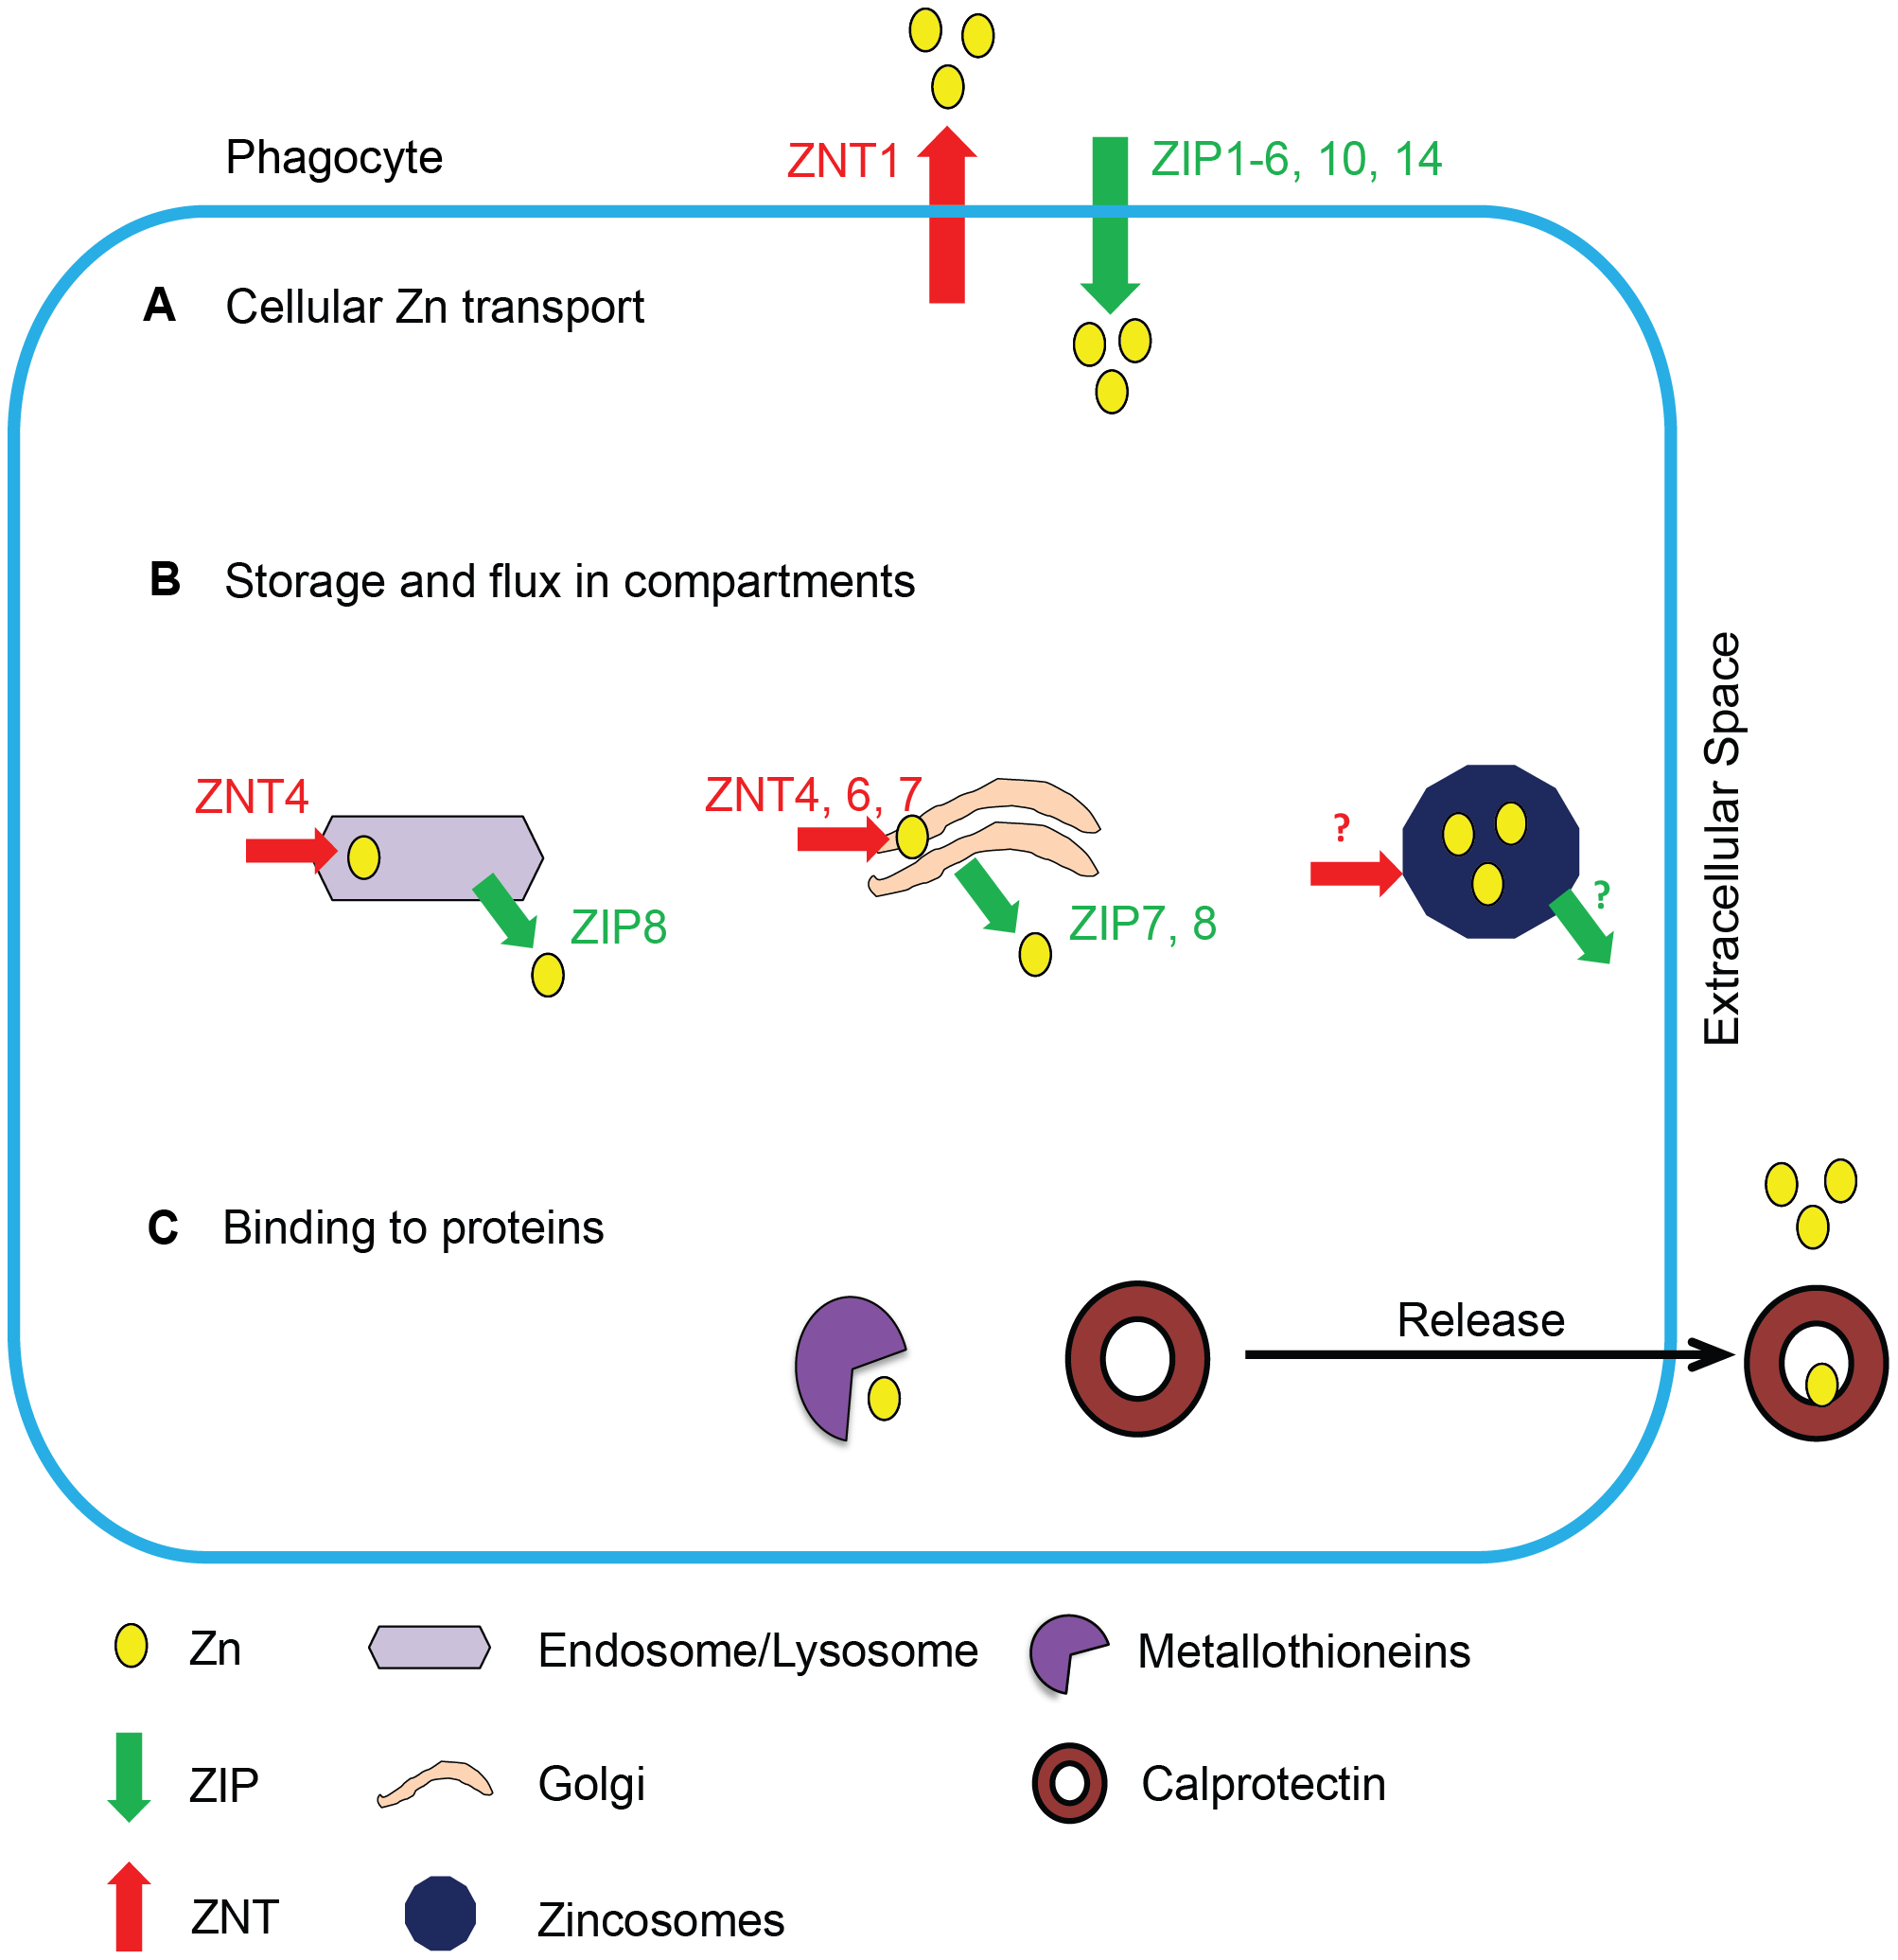 Schematic of Zn regulation in phagocytes.